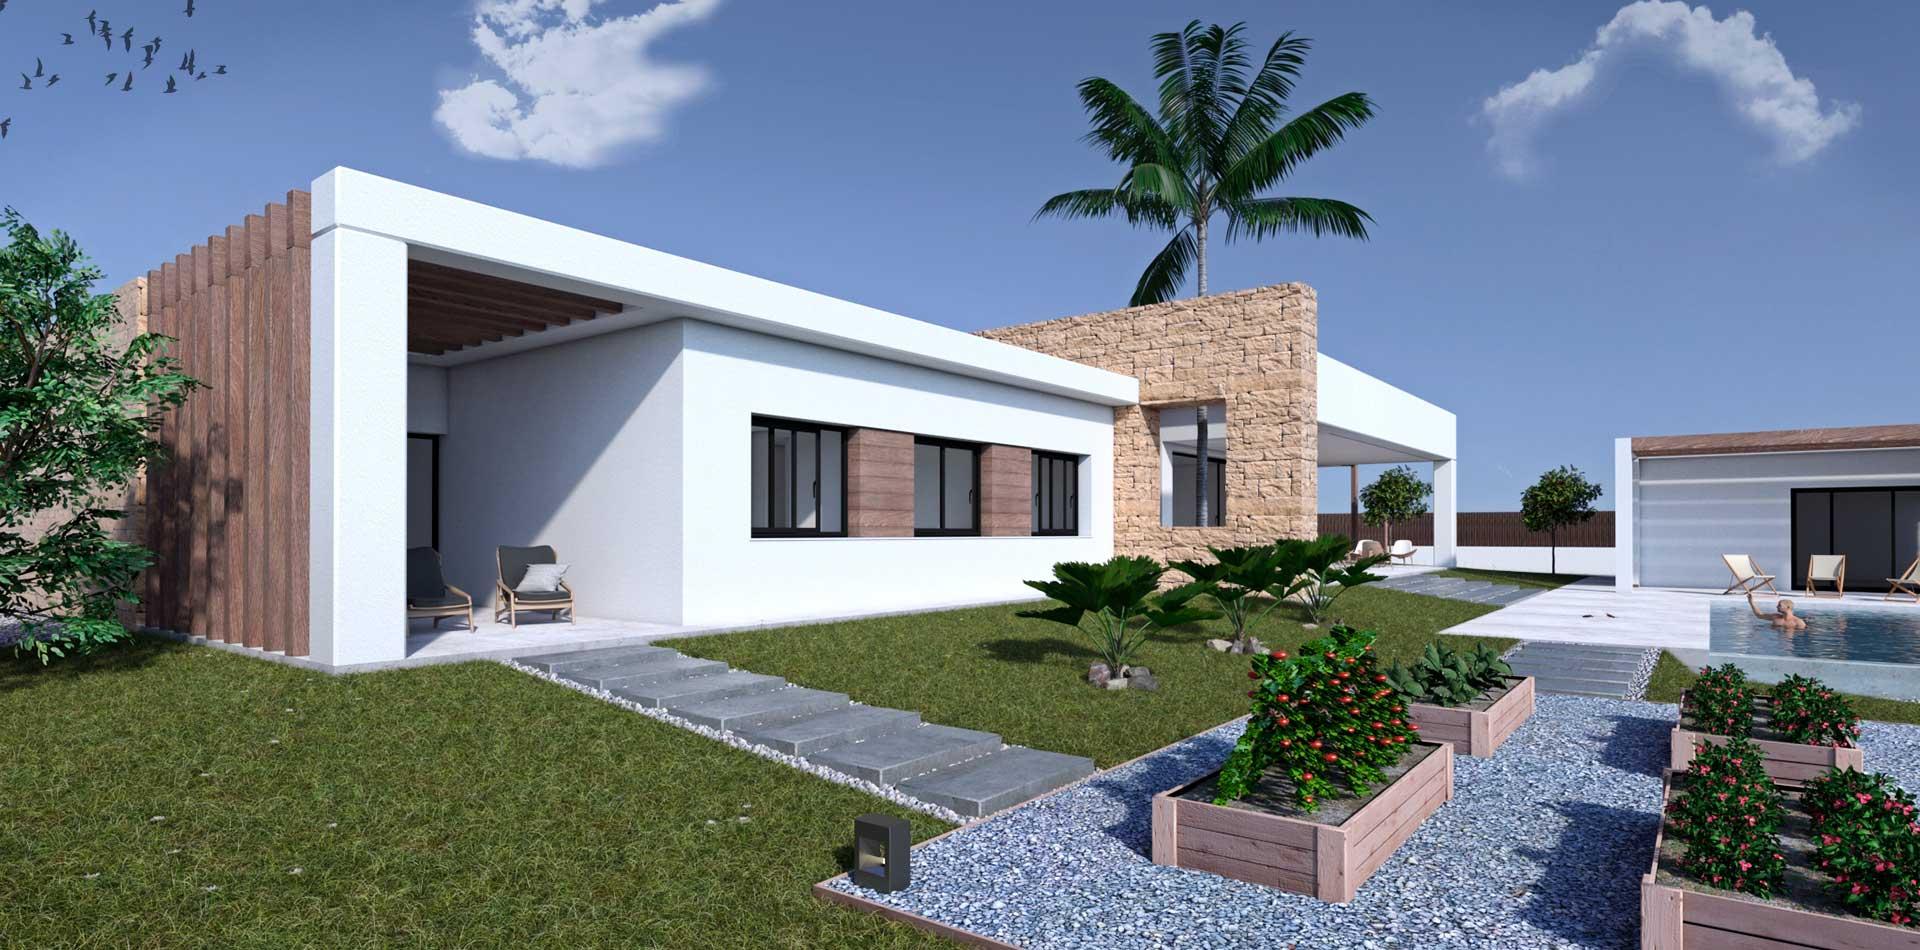 Casas Sanchez San Juan Alicante 1